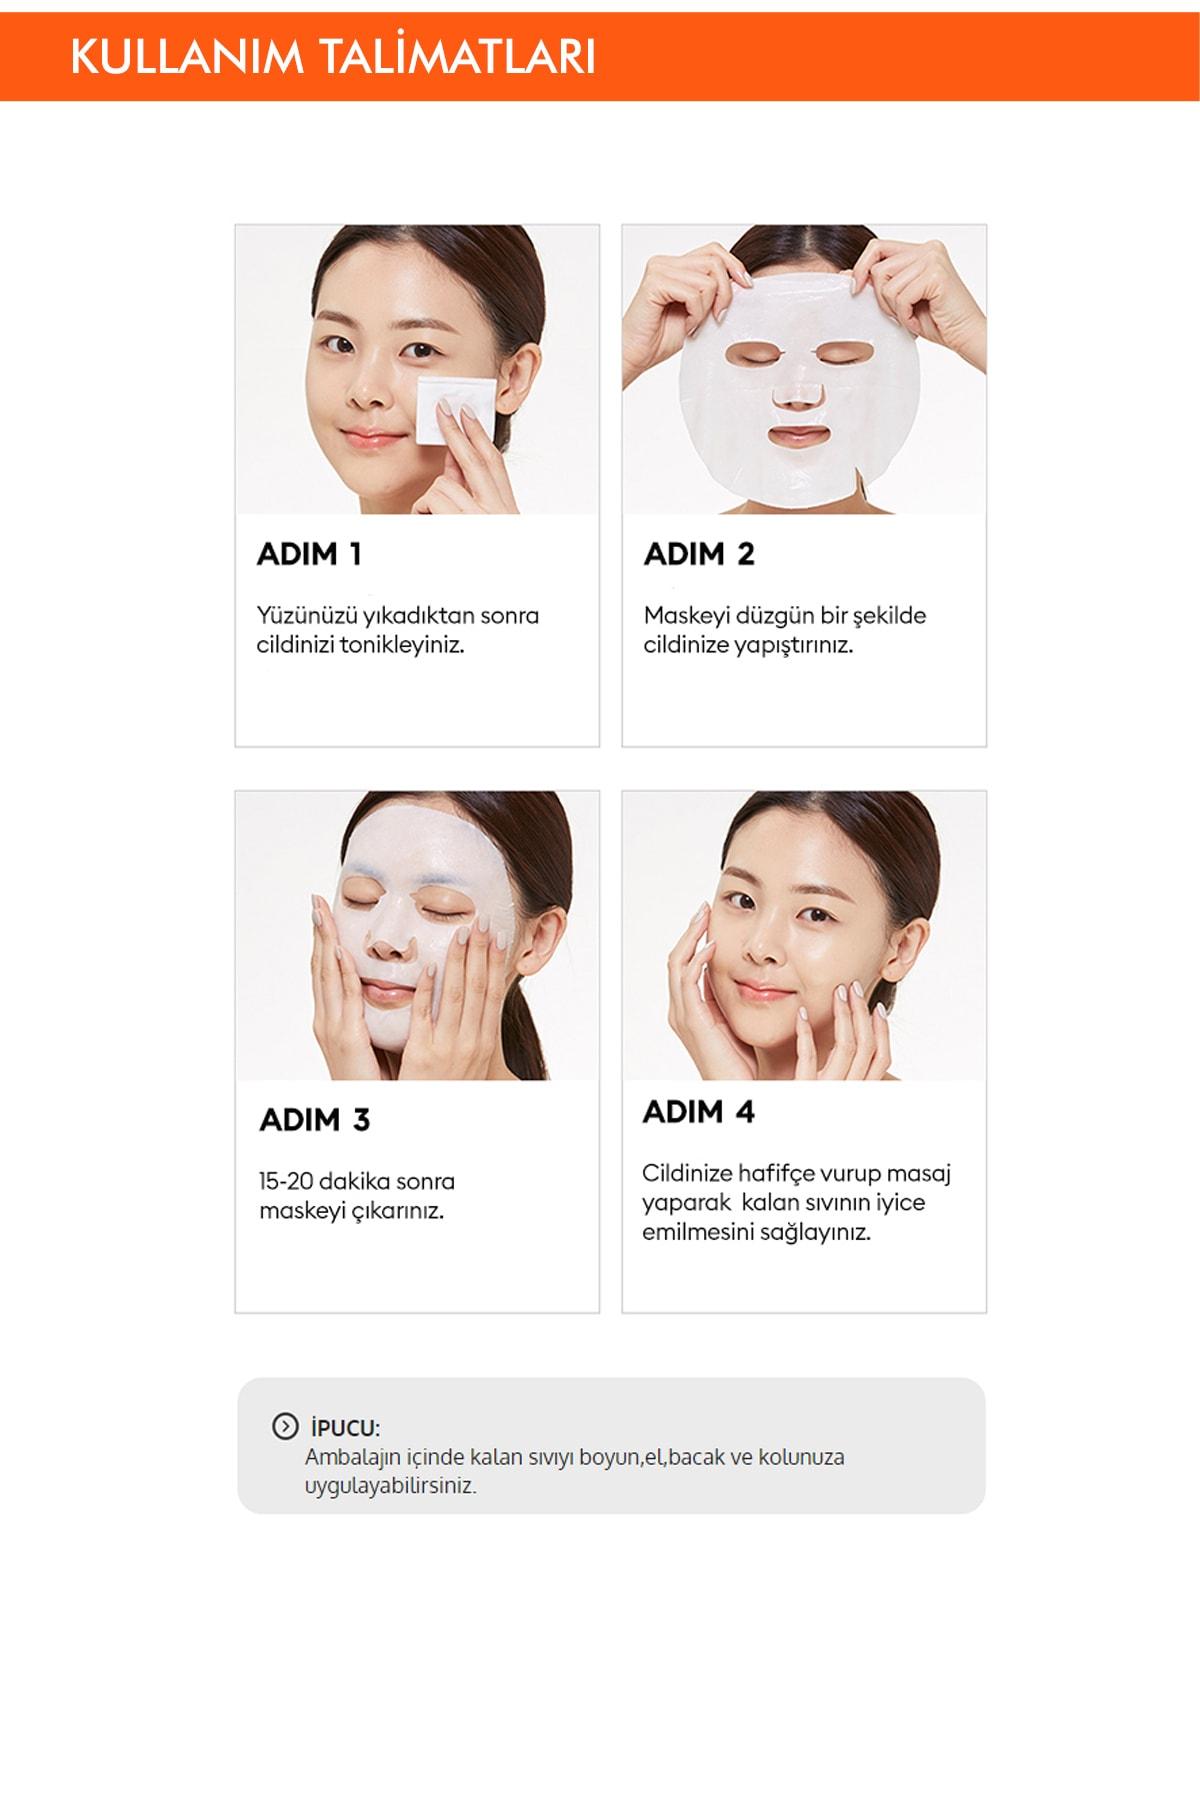 Missha Pha Ölü Deri Arındırıcı Yaprak Maske (1ad) Mascure Peeling Solution Sheet Mask 3